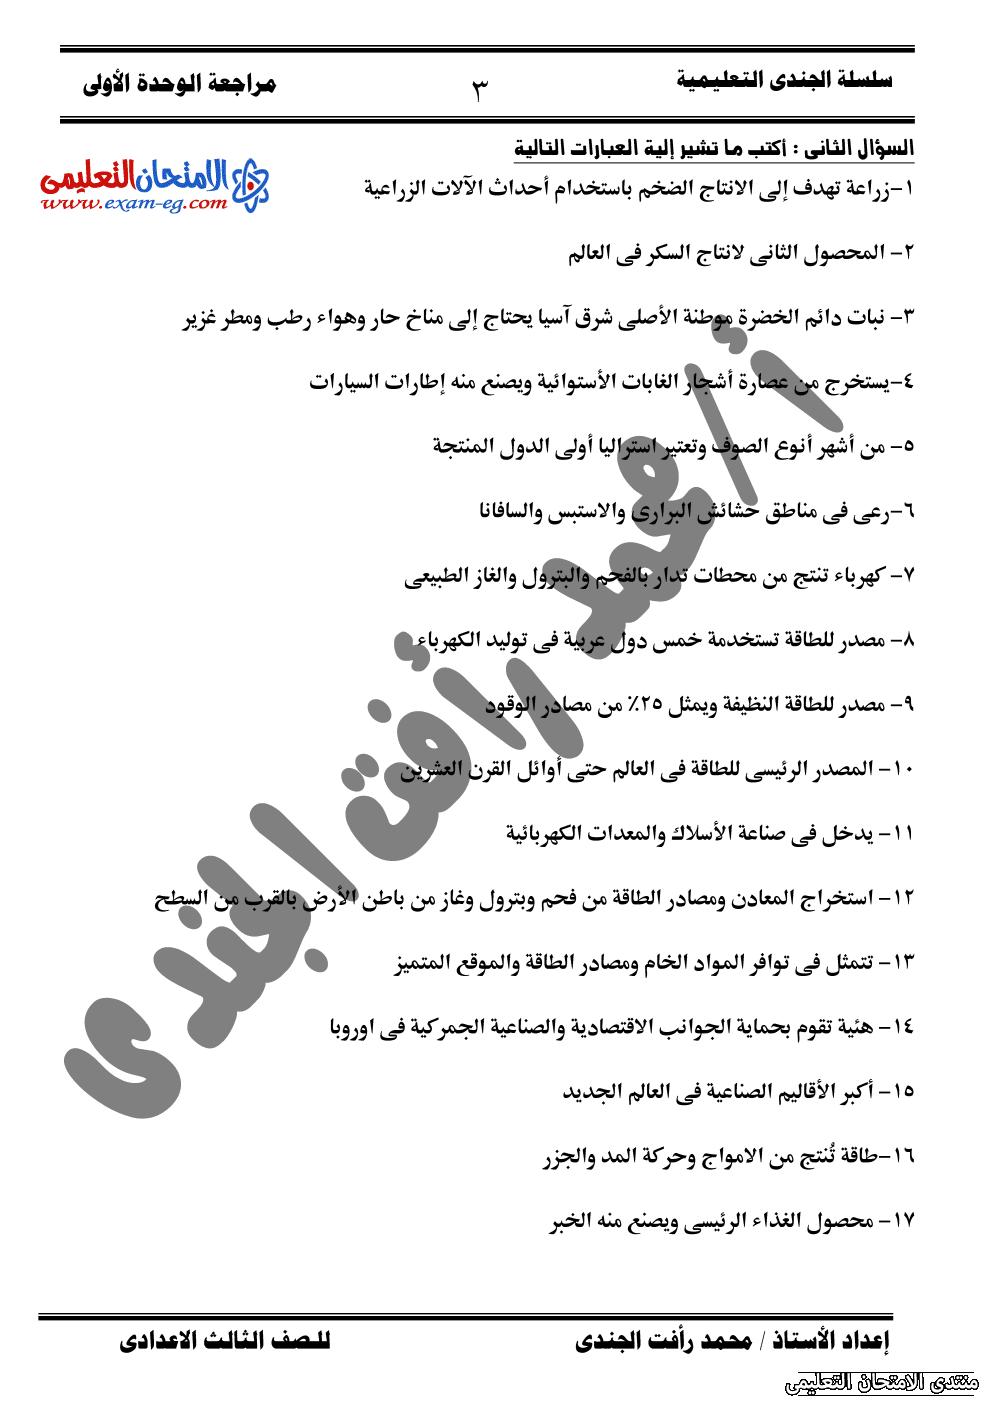 exam-eg.com_162264339529233.png